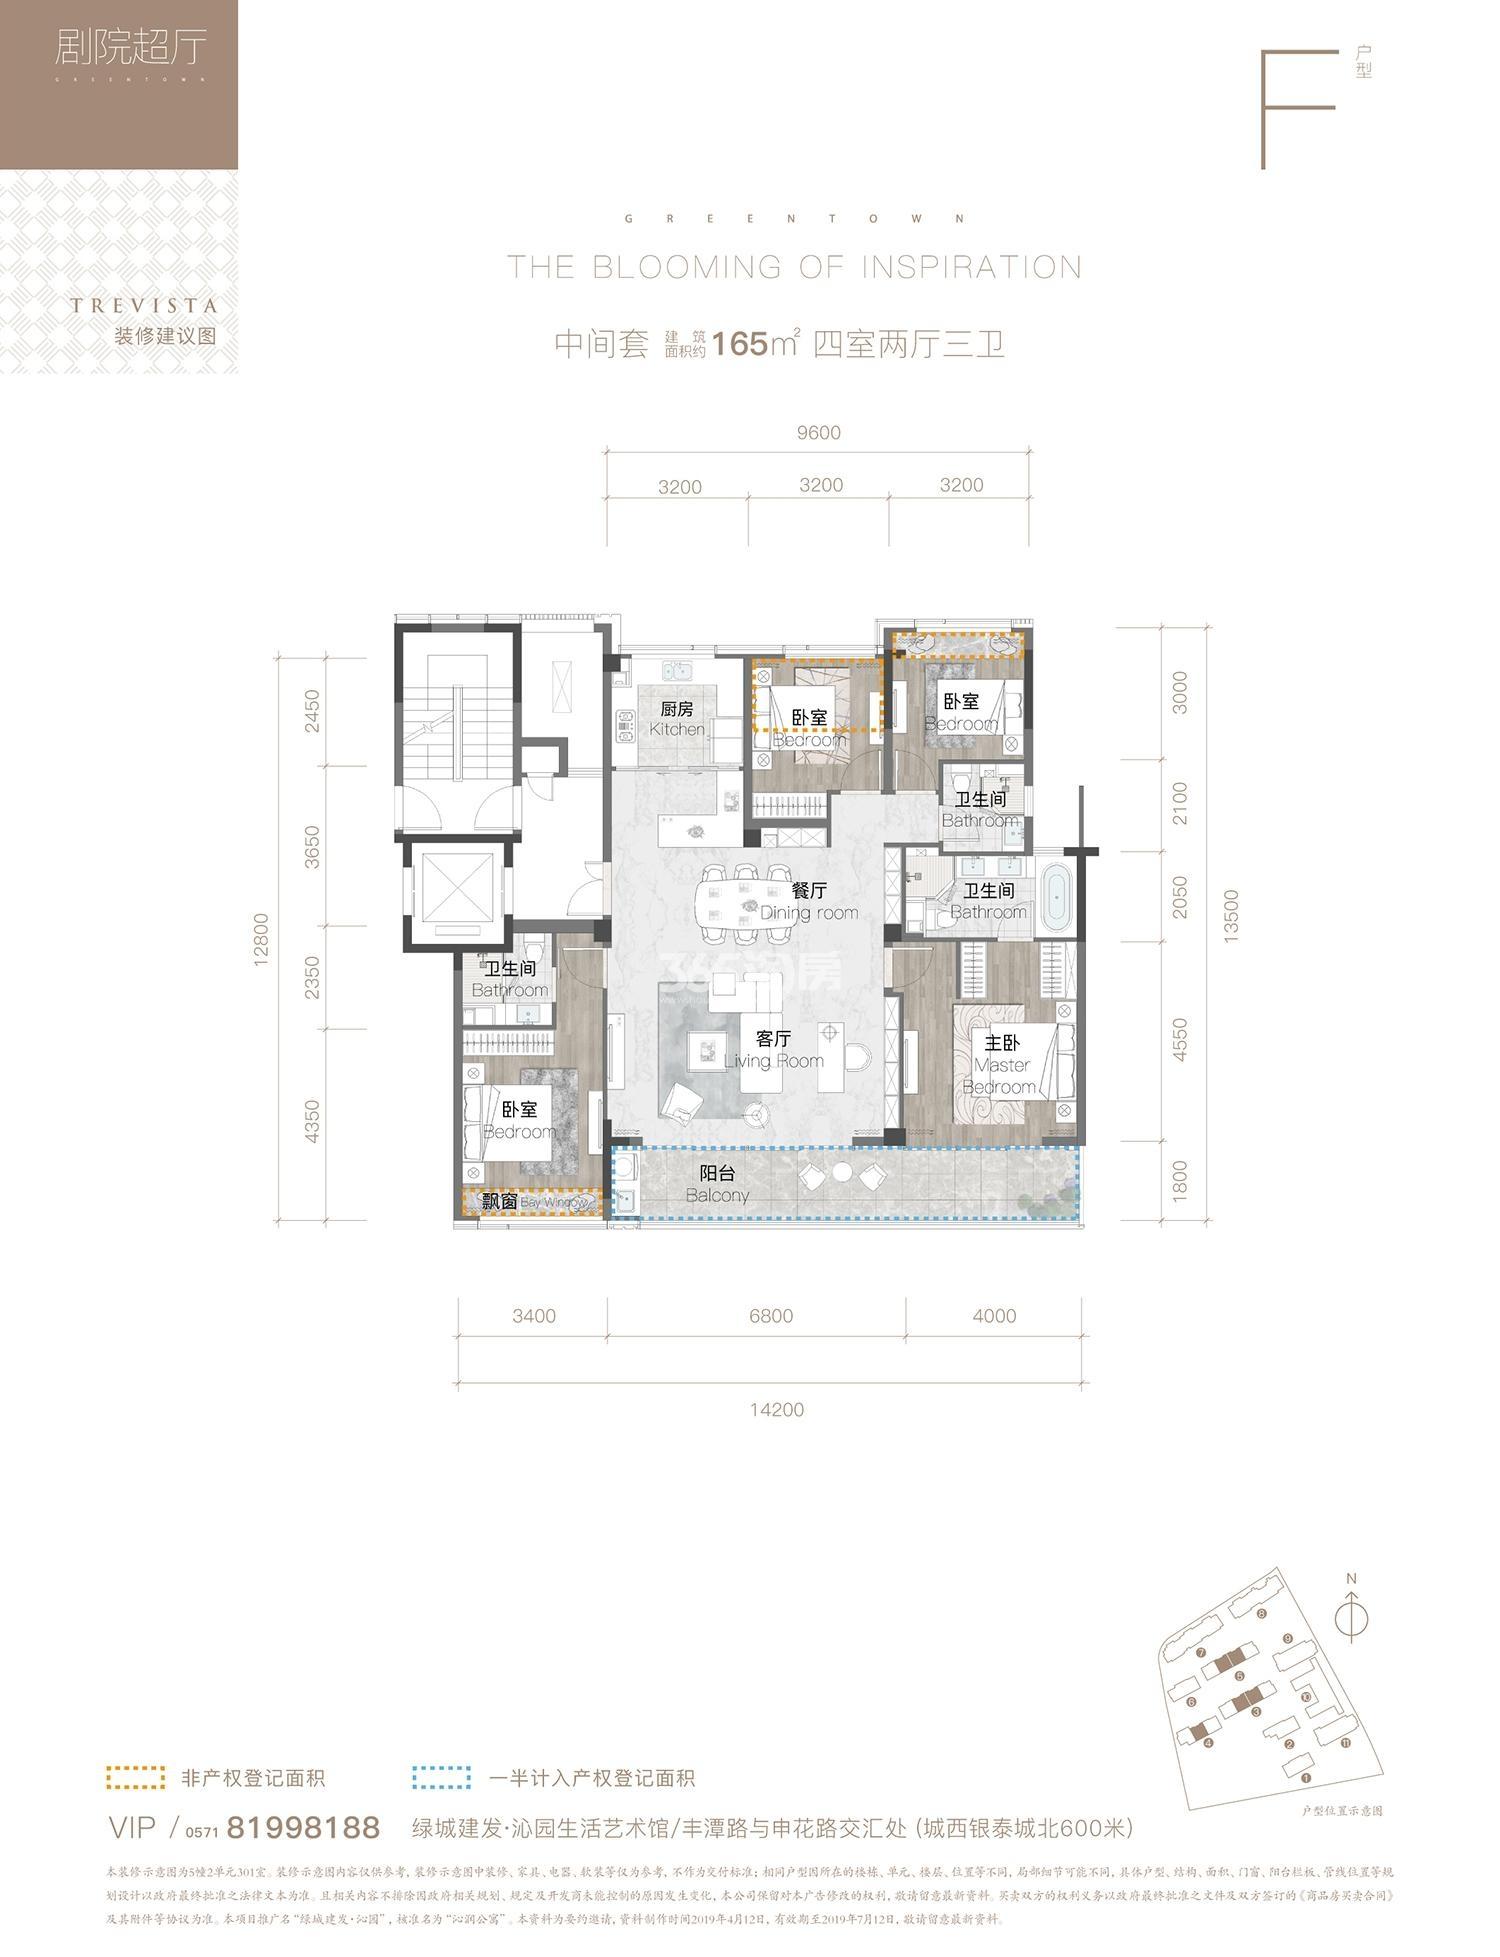 绿城建发沁园低密度多层3-5号楼中间套F户型 约165㎡